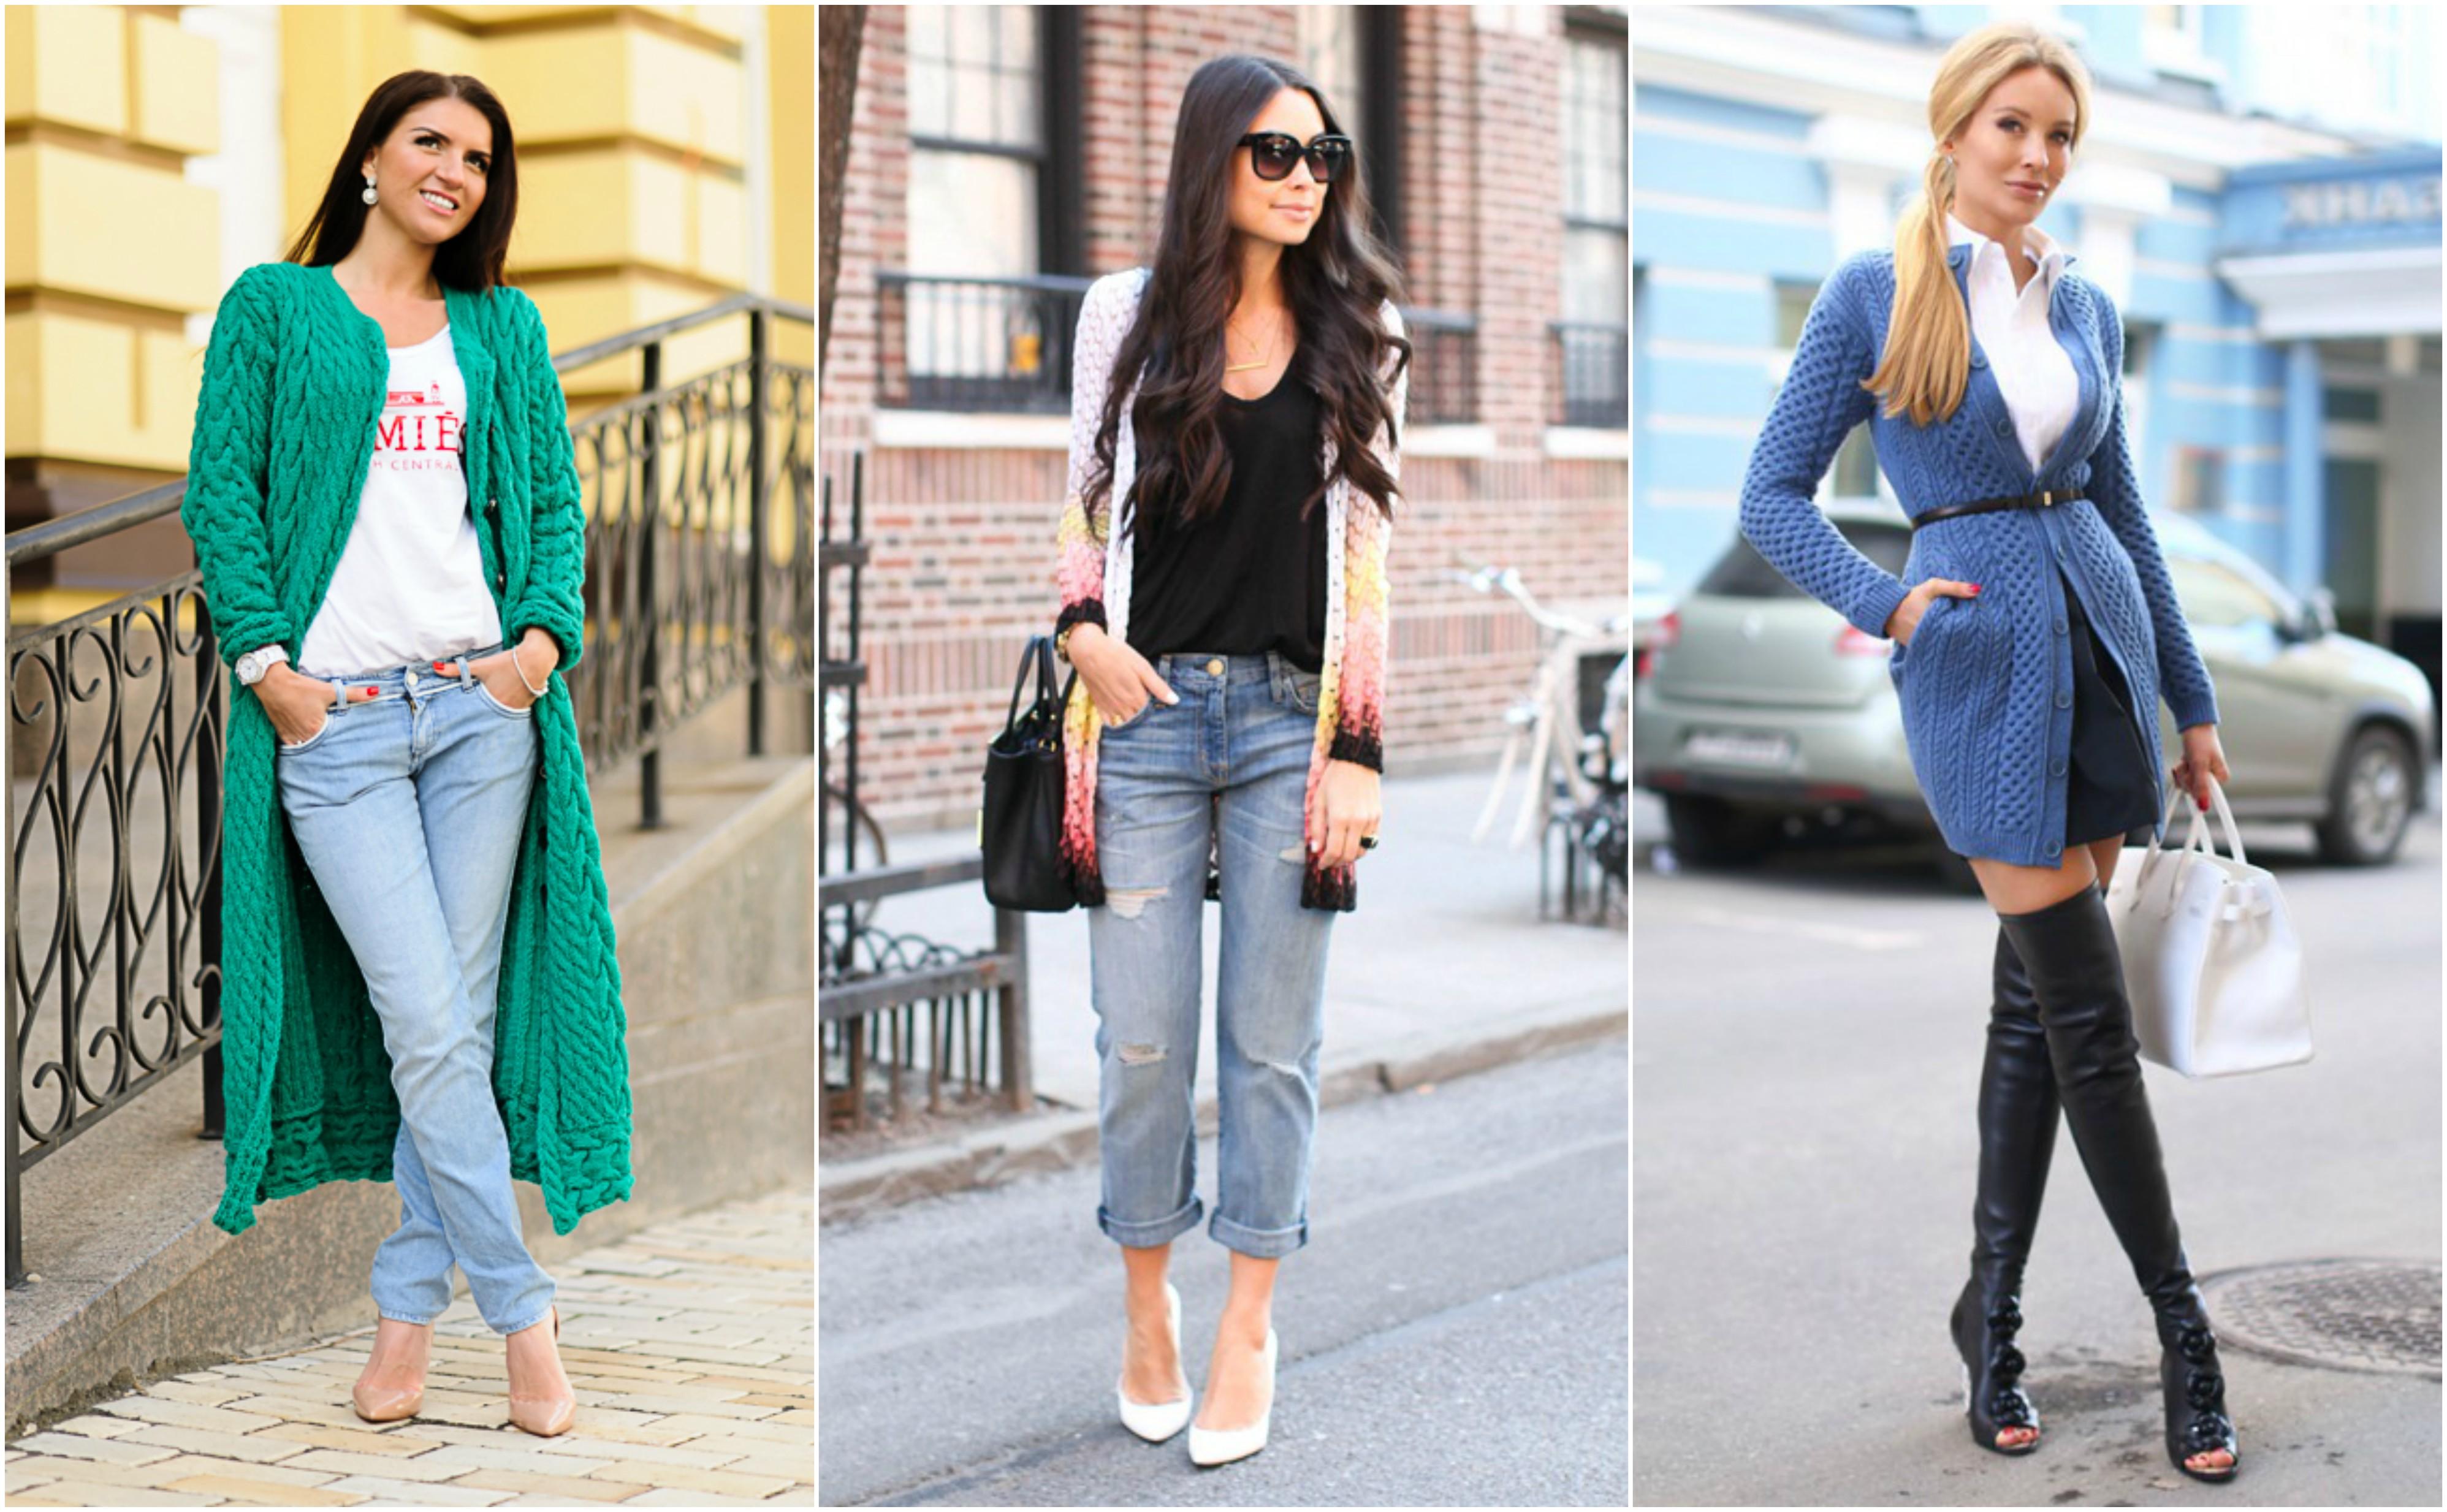 Можно ли стильно одеваться в холода?